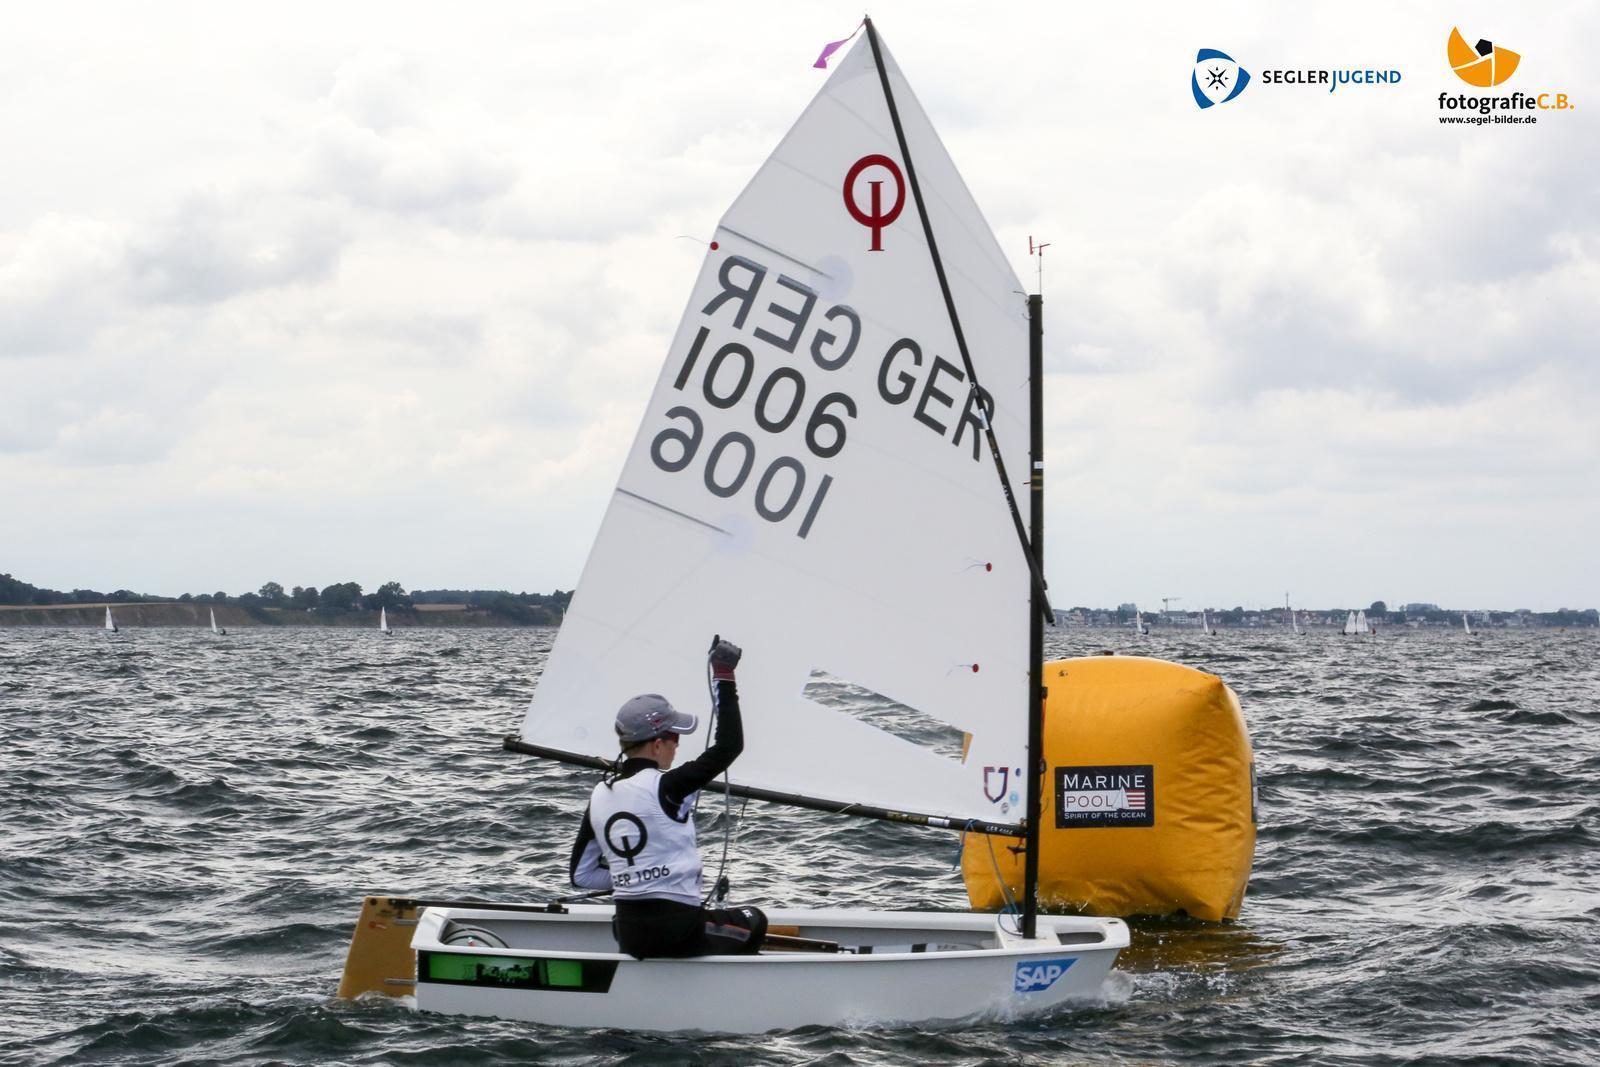 Opti GER1006 FlorianRACHMANN SeglergemeinschaftLohheide2017.07